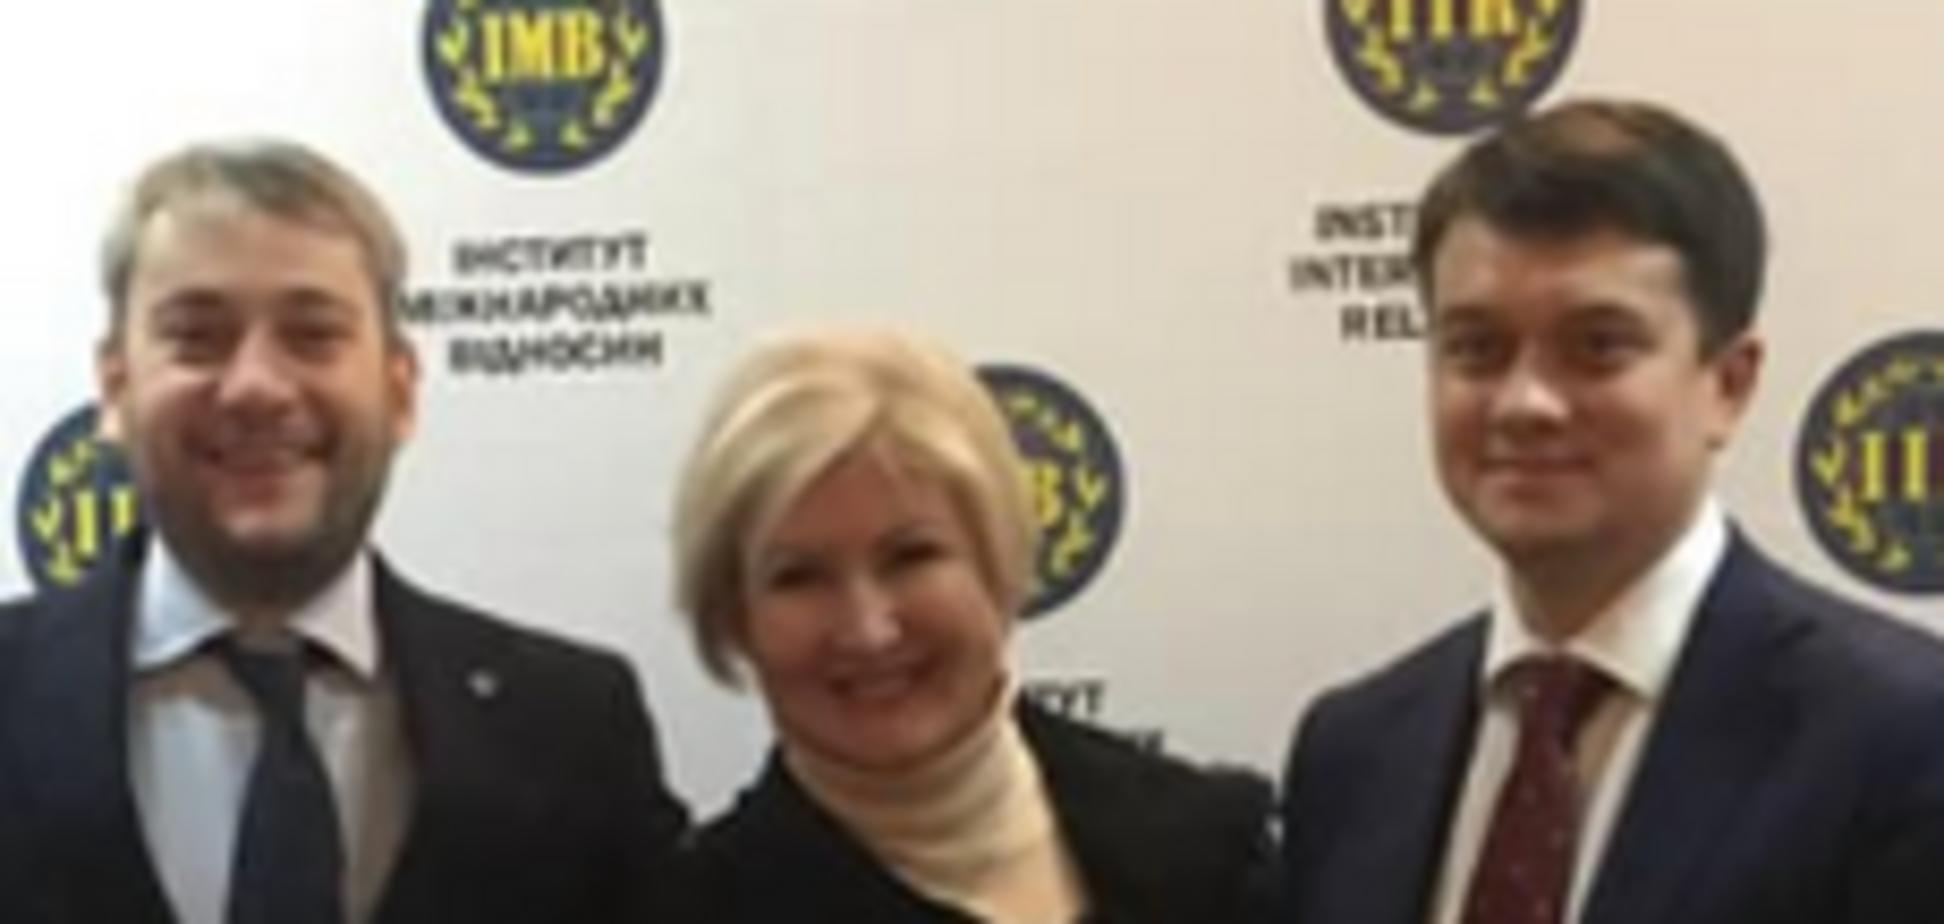 Зеленский назначил одногруппника Разумкова главой Киевской ОГА. Фото